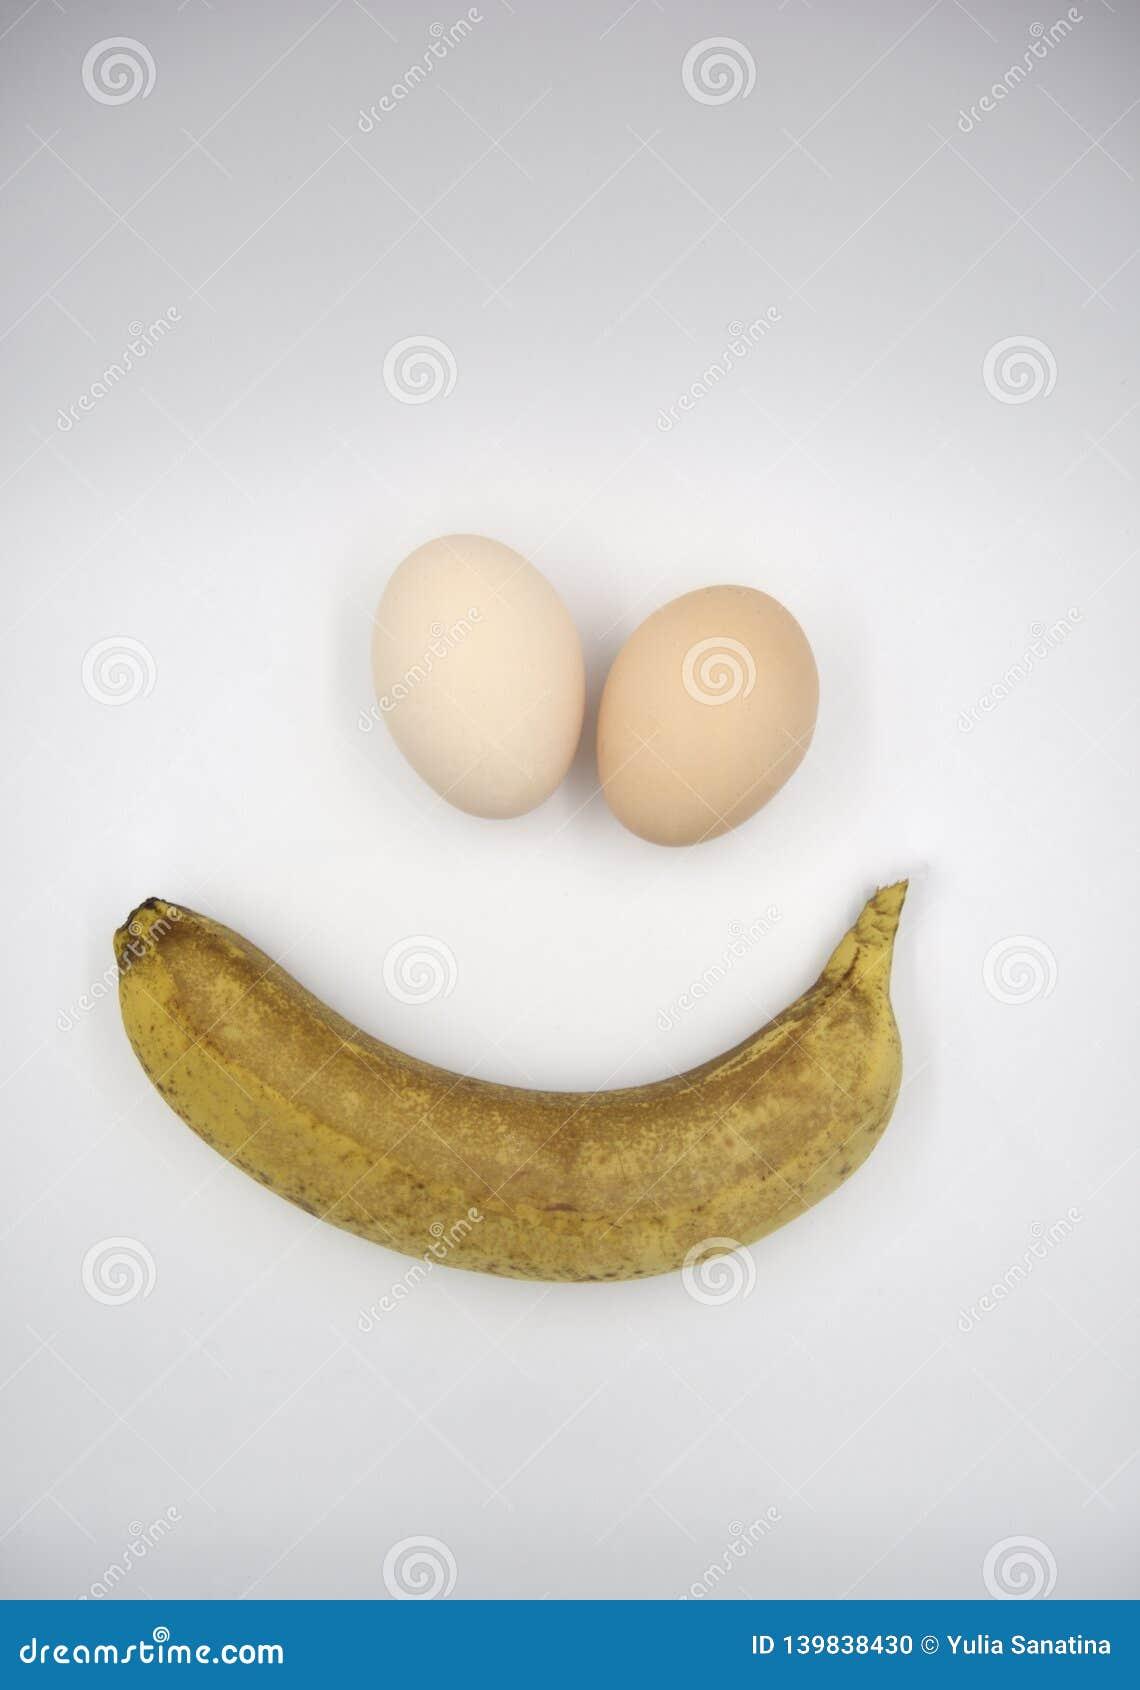 Uma banana e dois ovos marrons